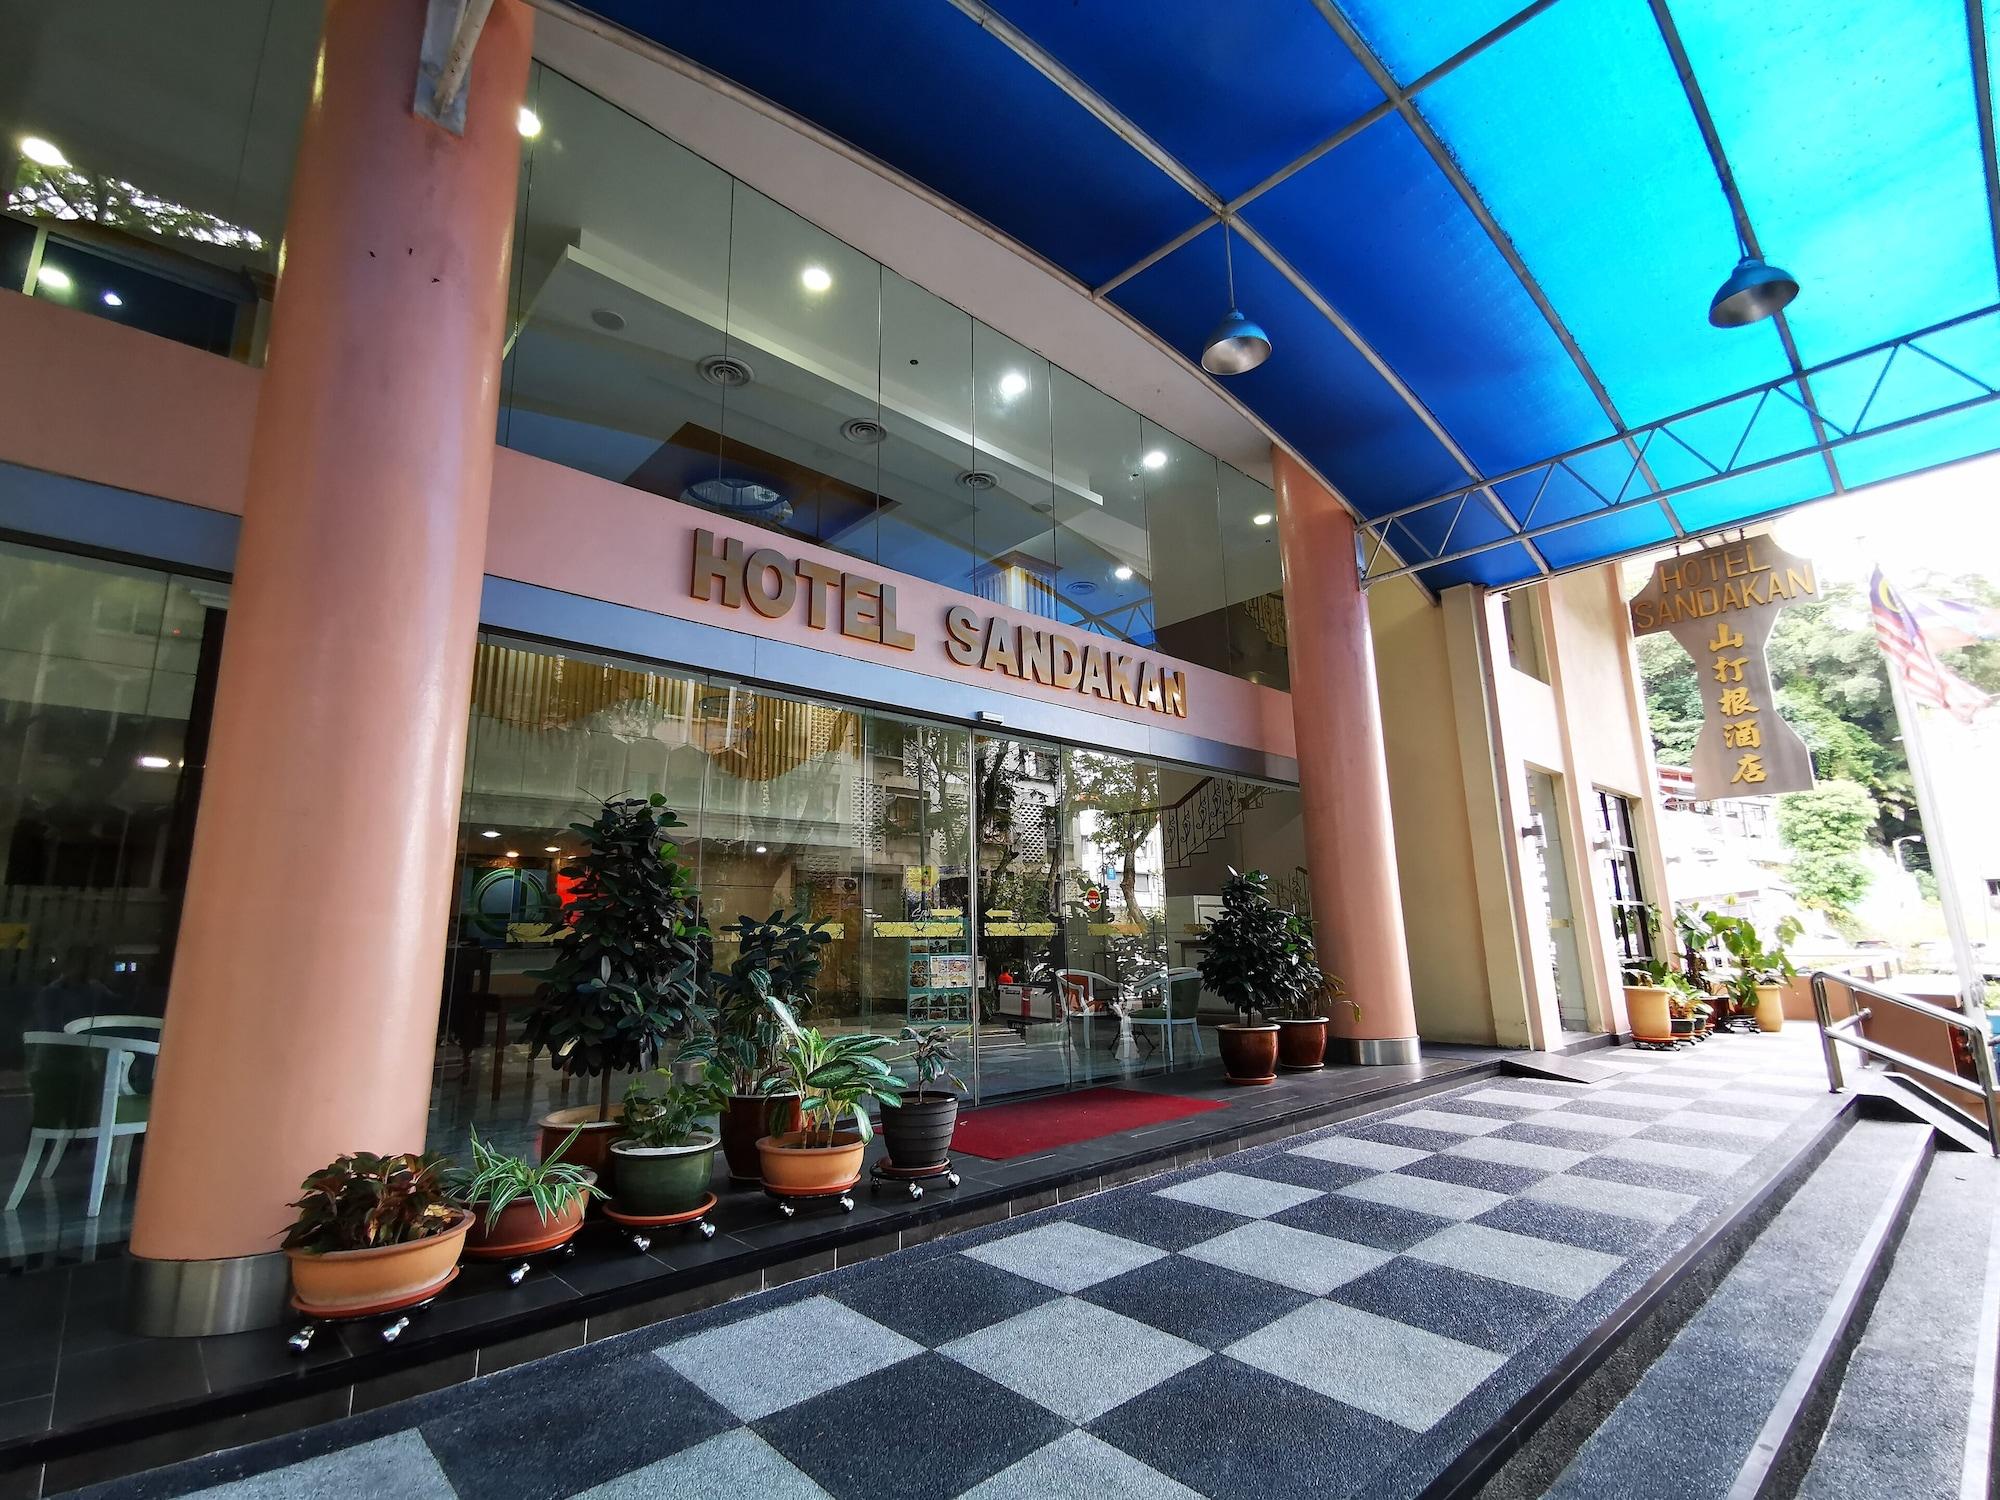 Hotel Sandakan, Sandakan